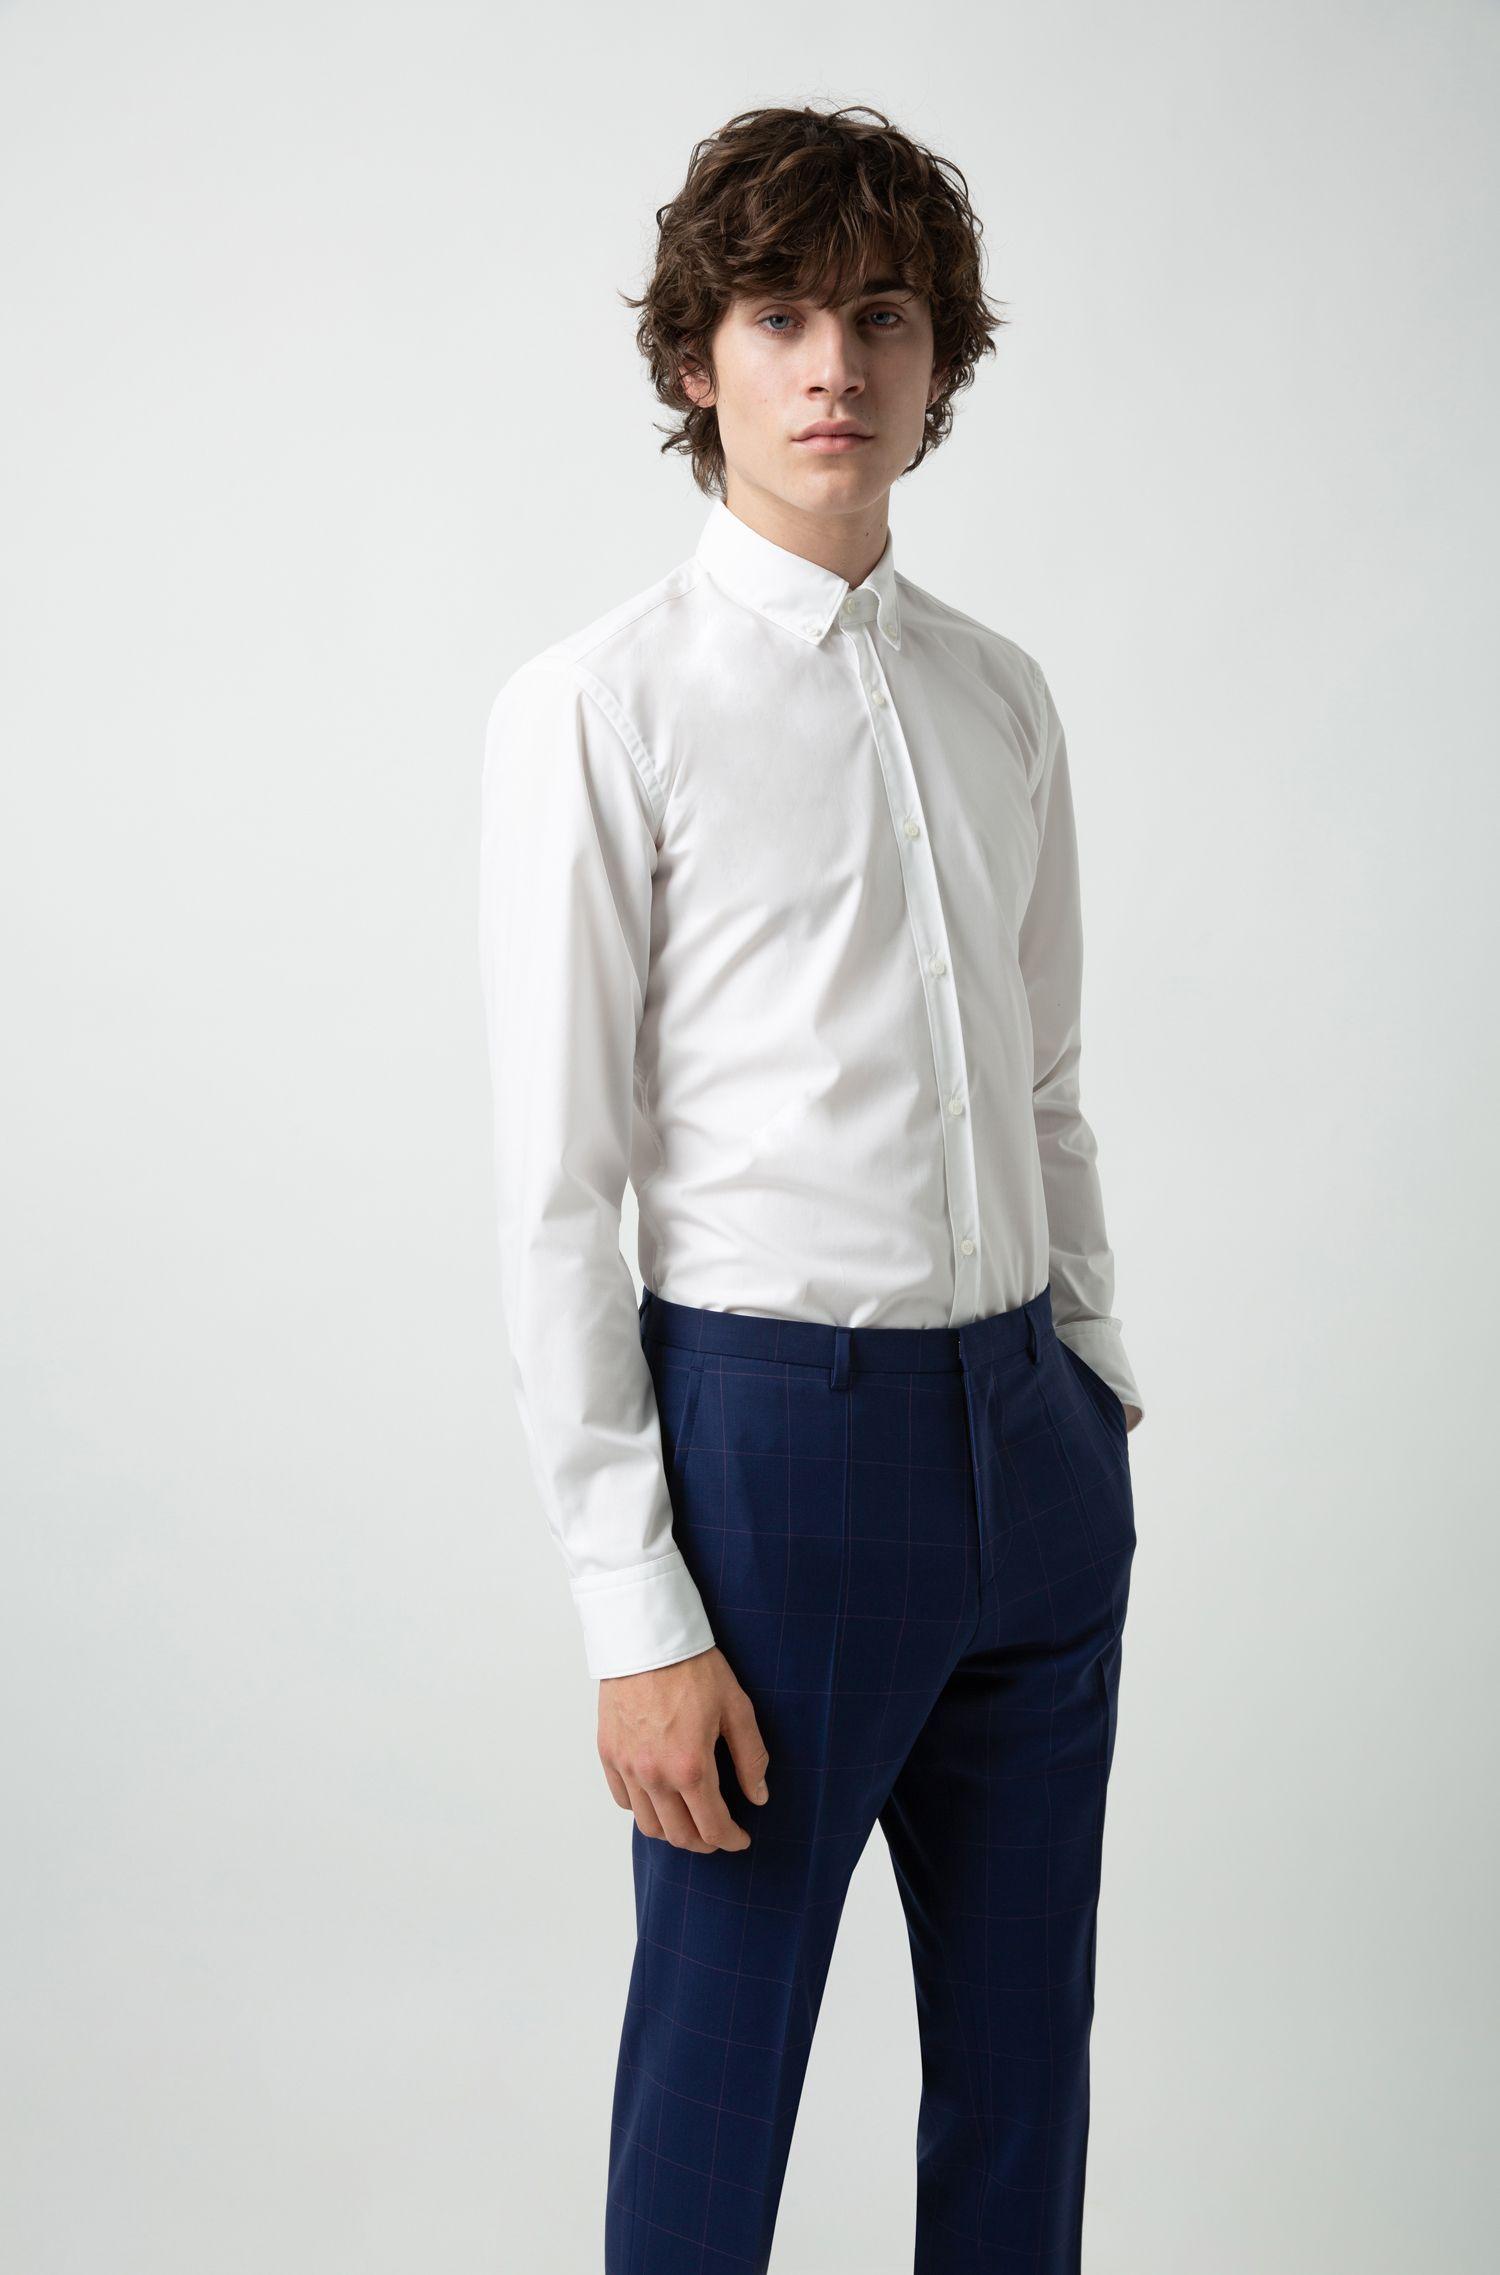 Pantaloni extra slim fit in lana vergine a quadri, A disegni